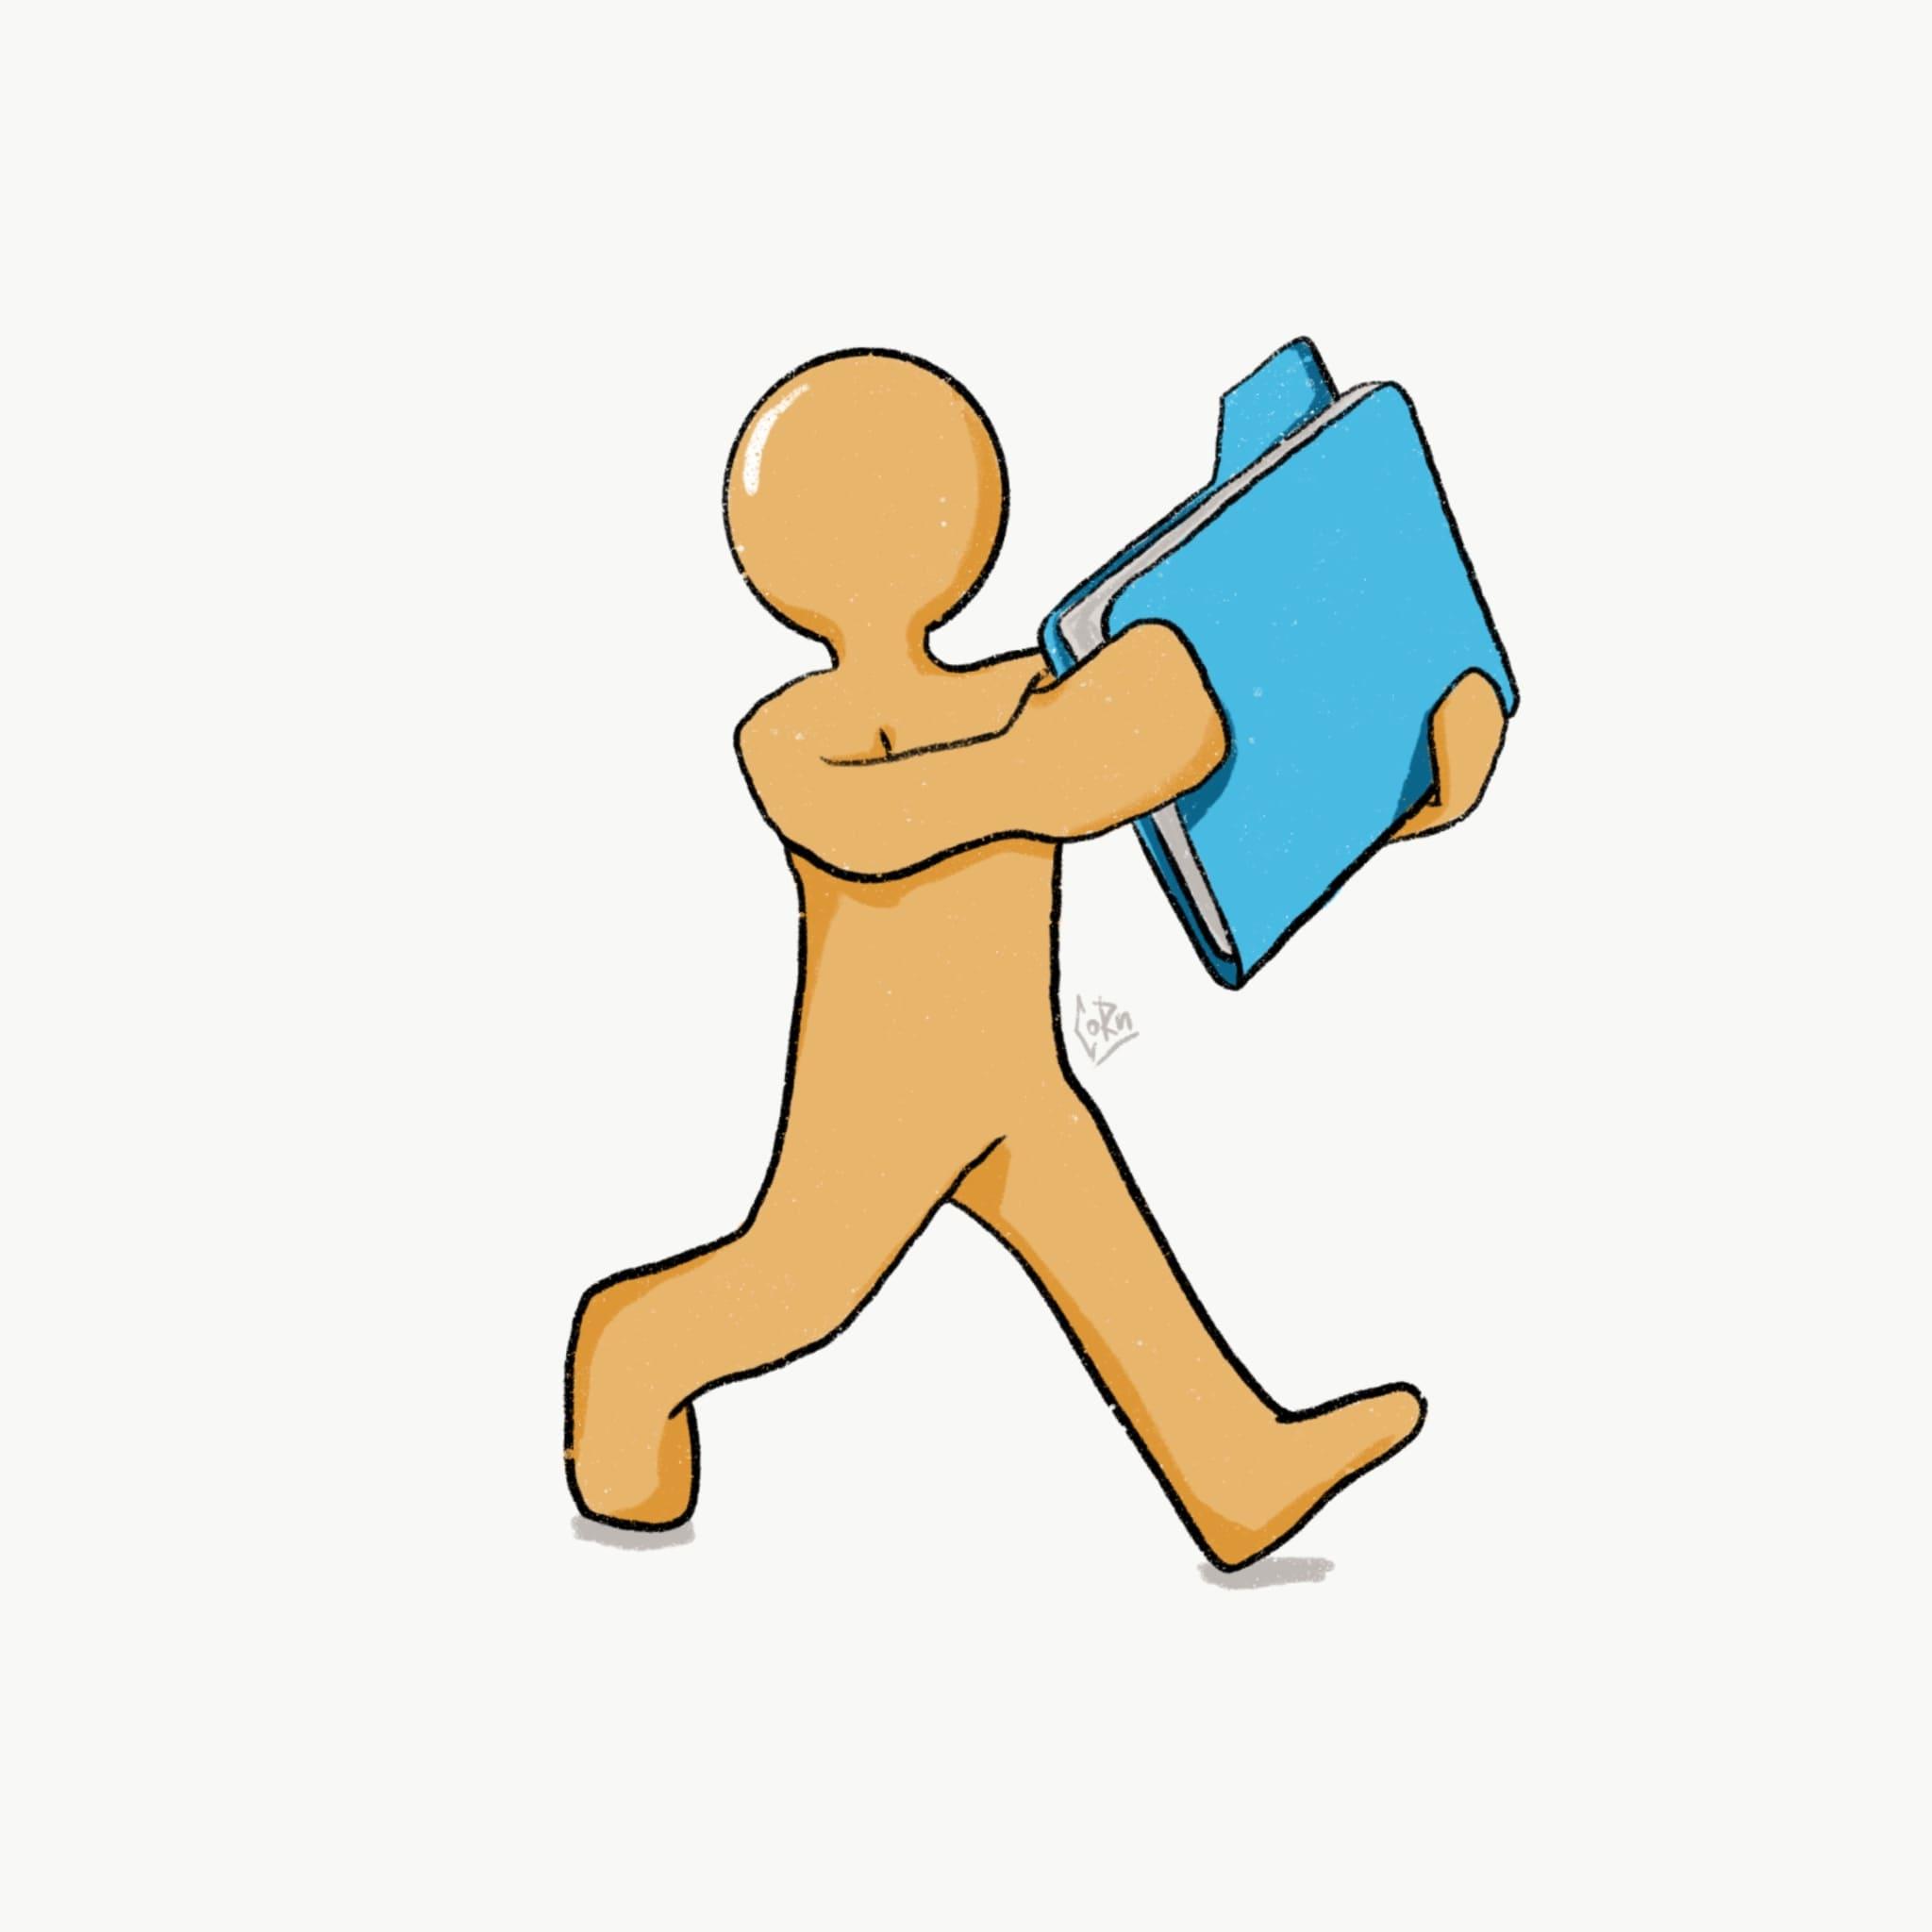 бухгалтер с документами по регистрации прочих обособленных подразделений картинка